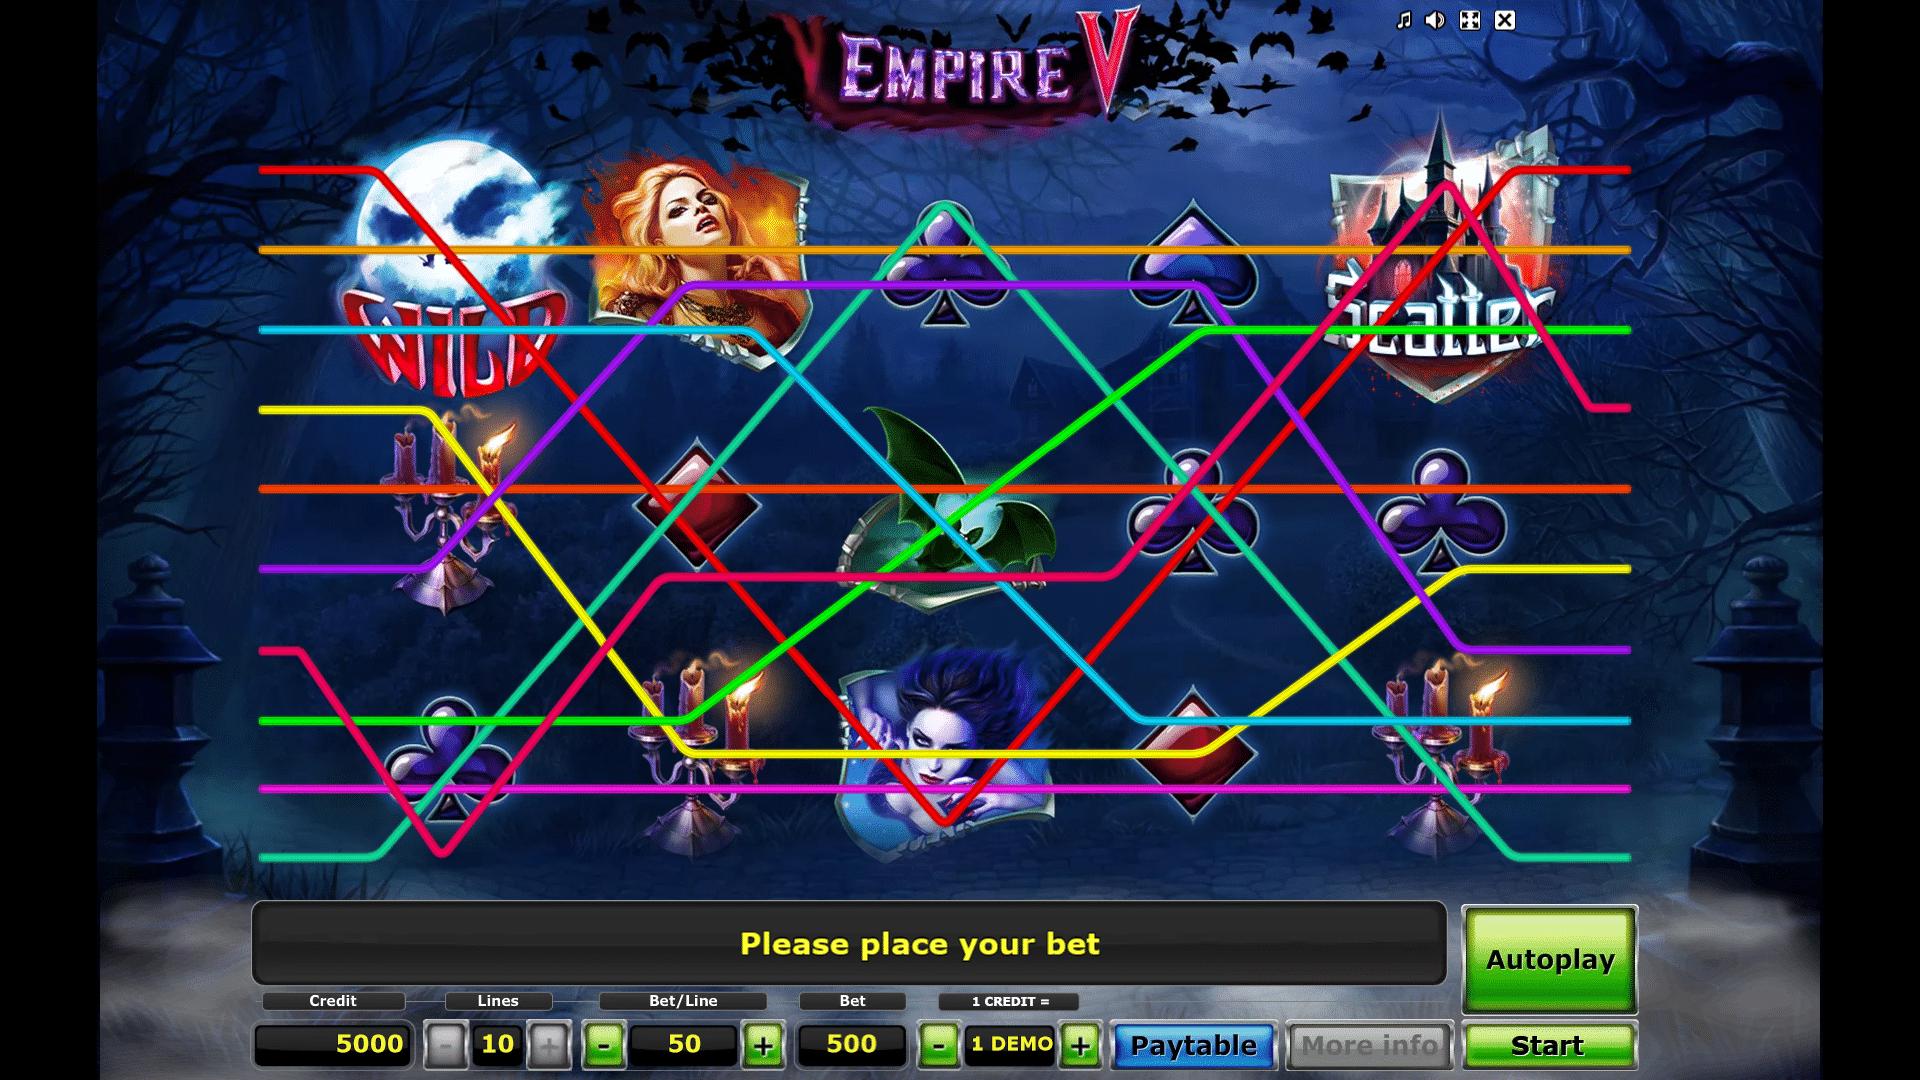 Slot Empire V